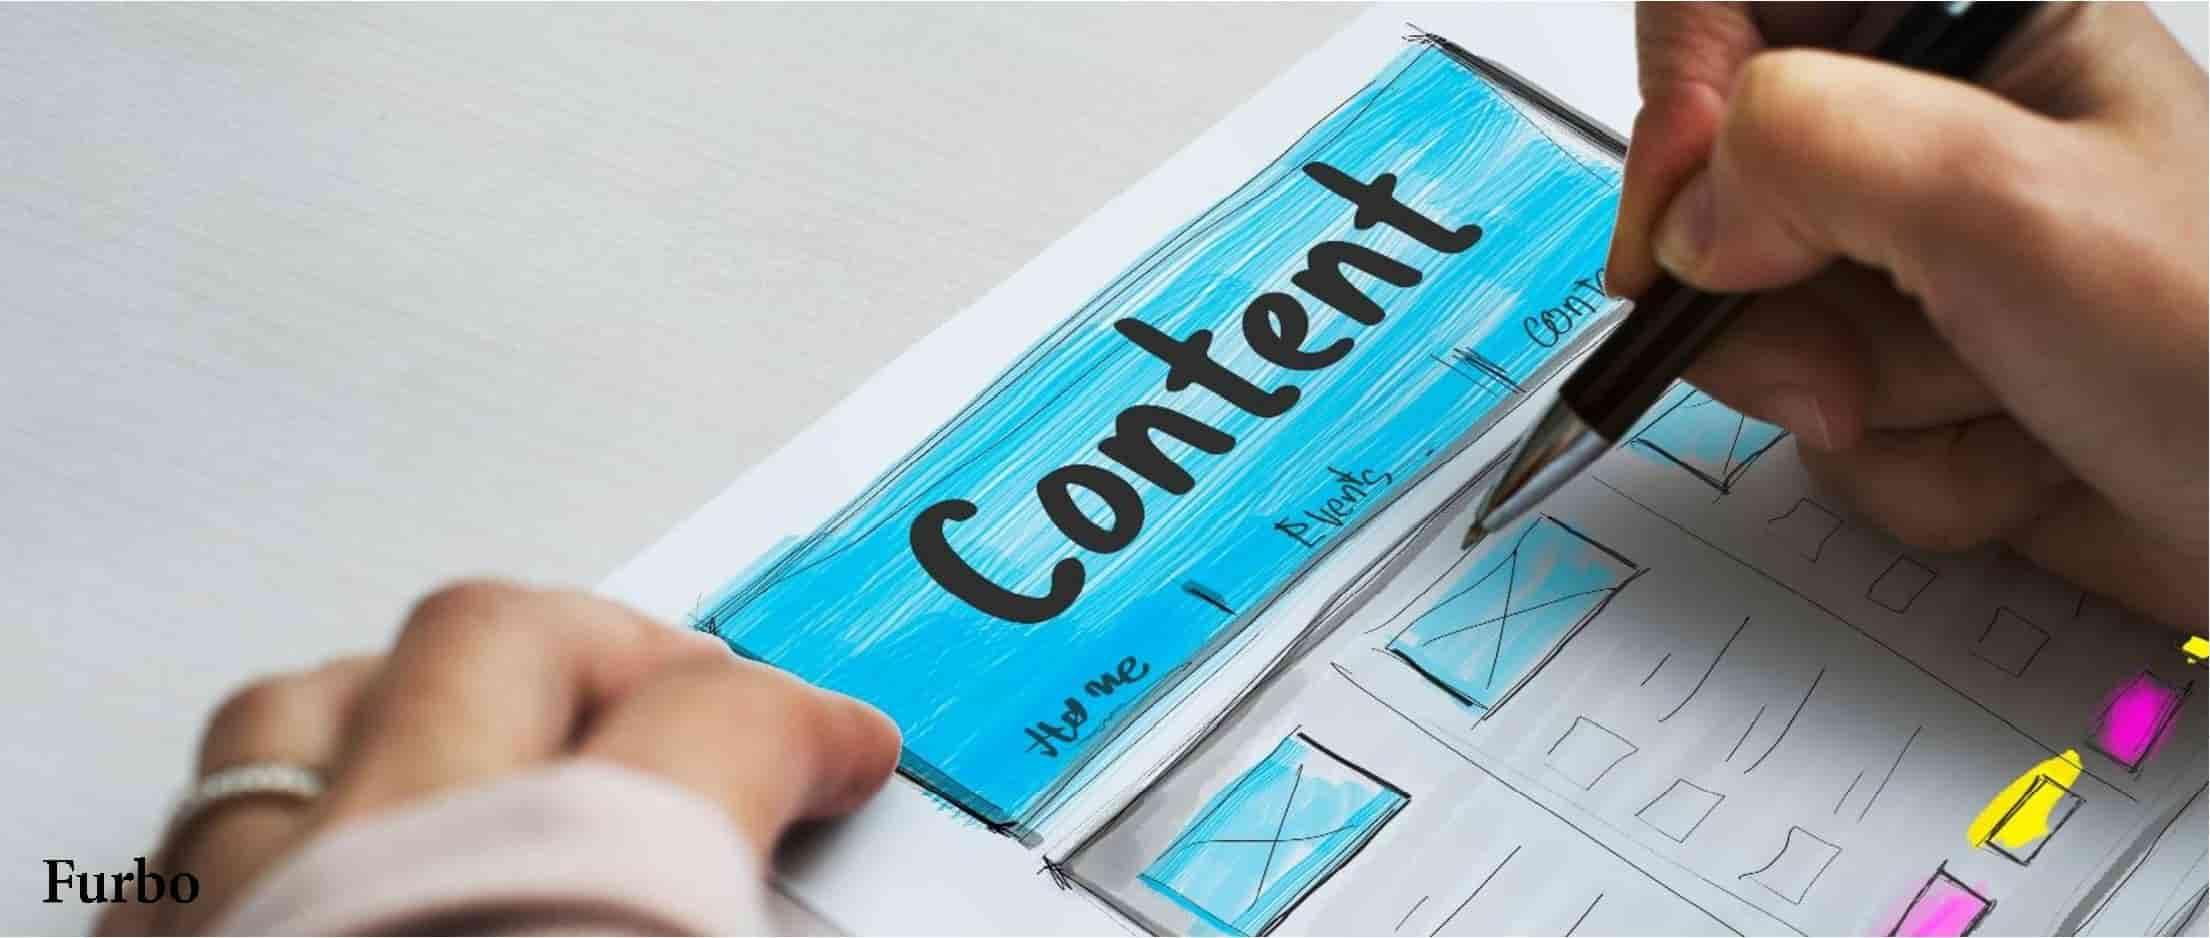 هدف تولید محتوا هدف بازاریابی محتوا